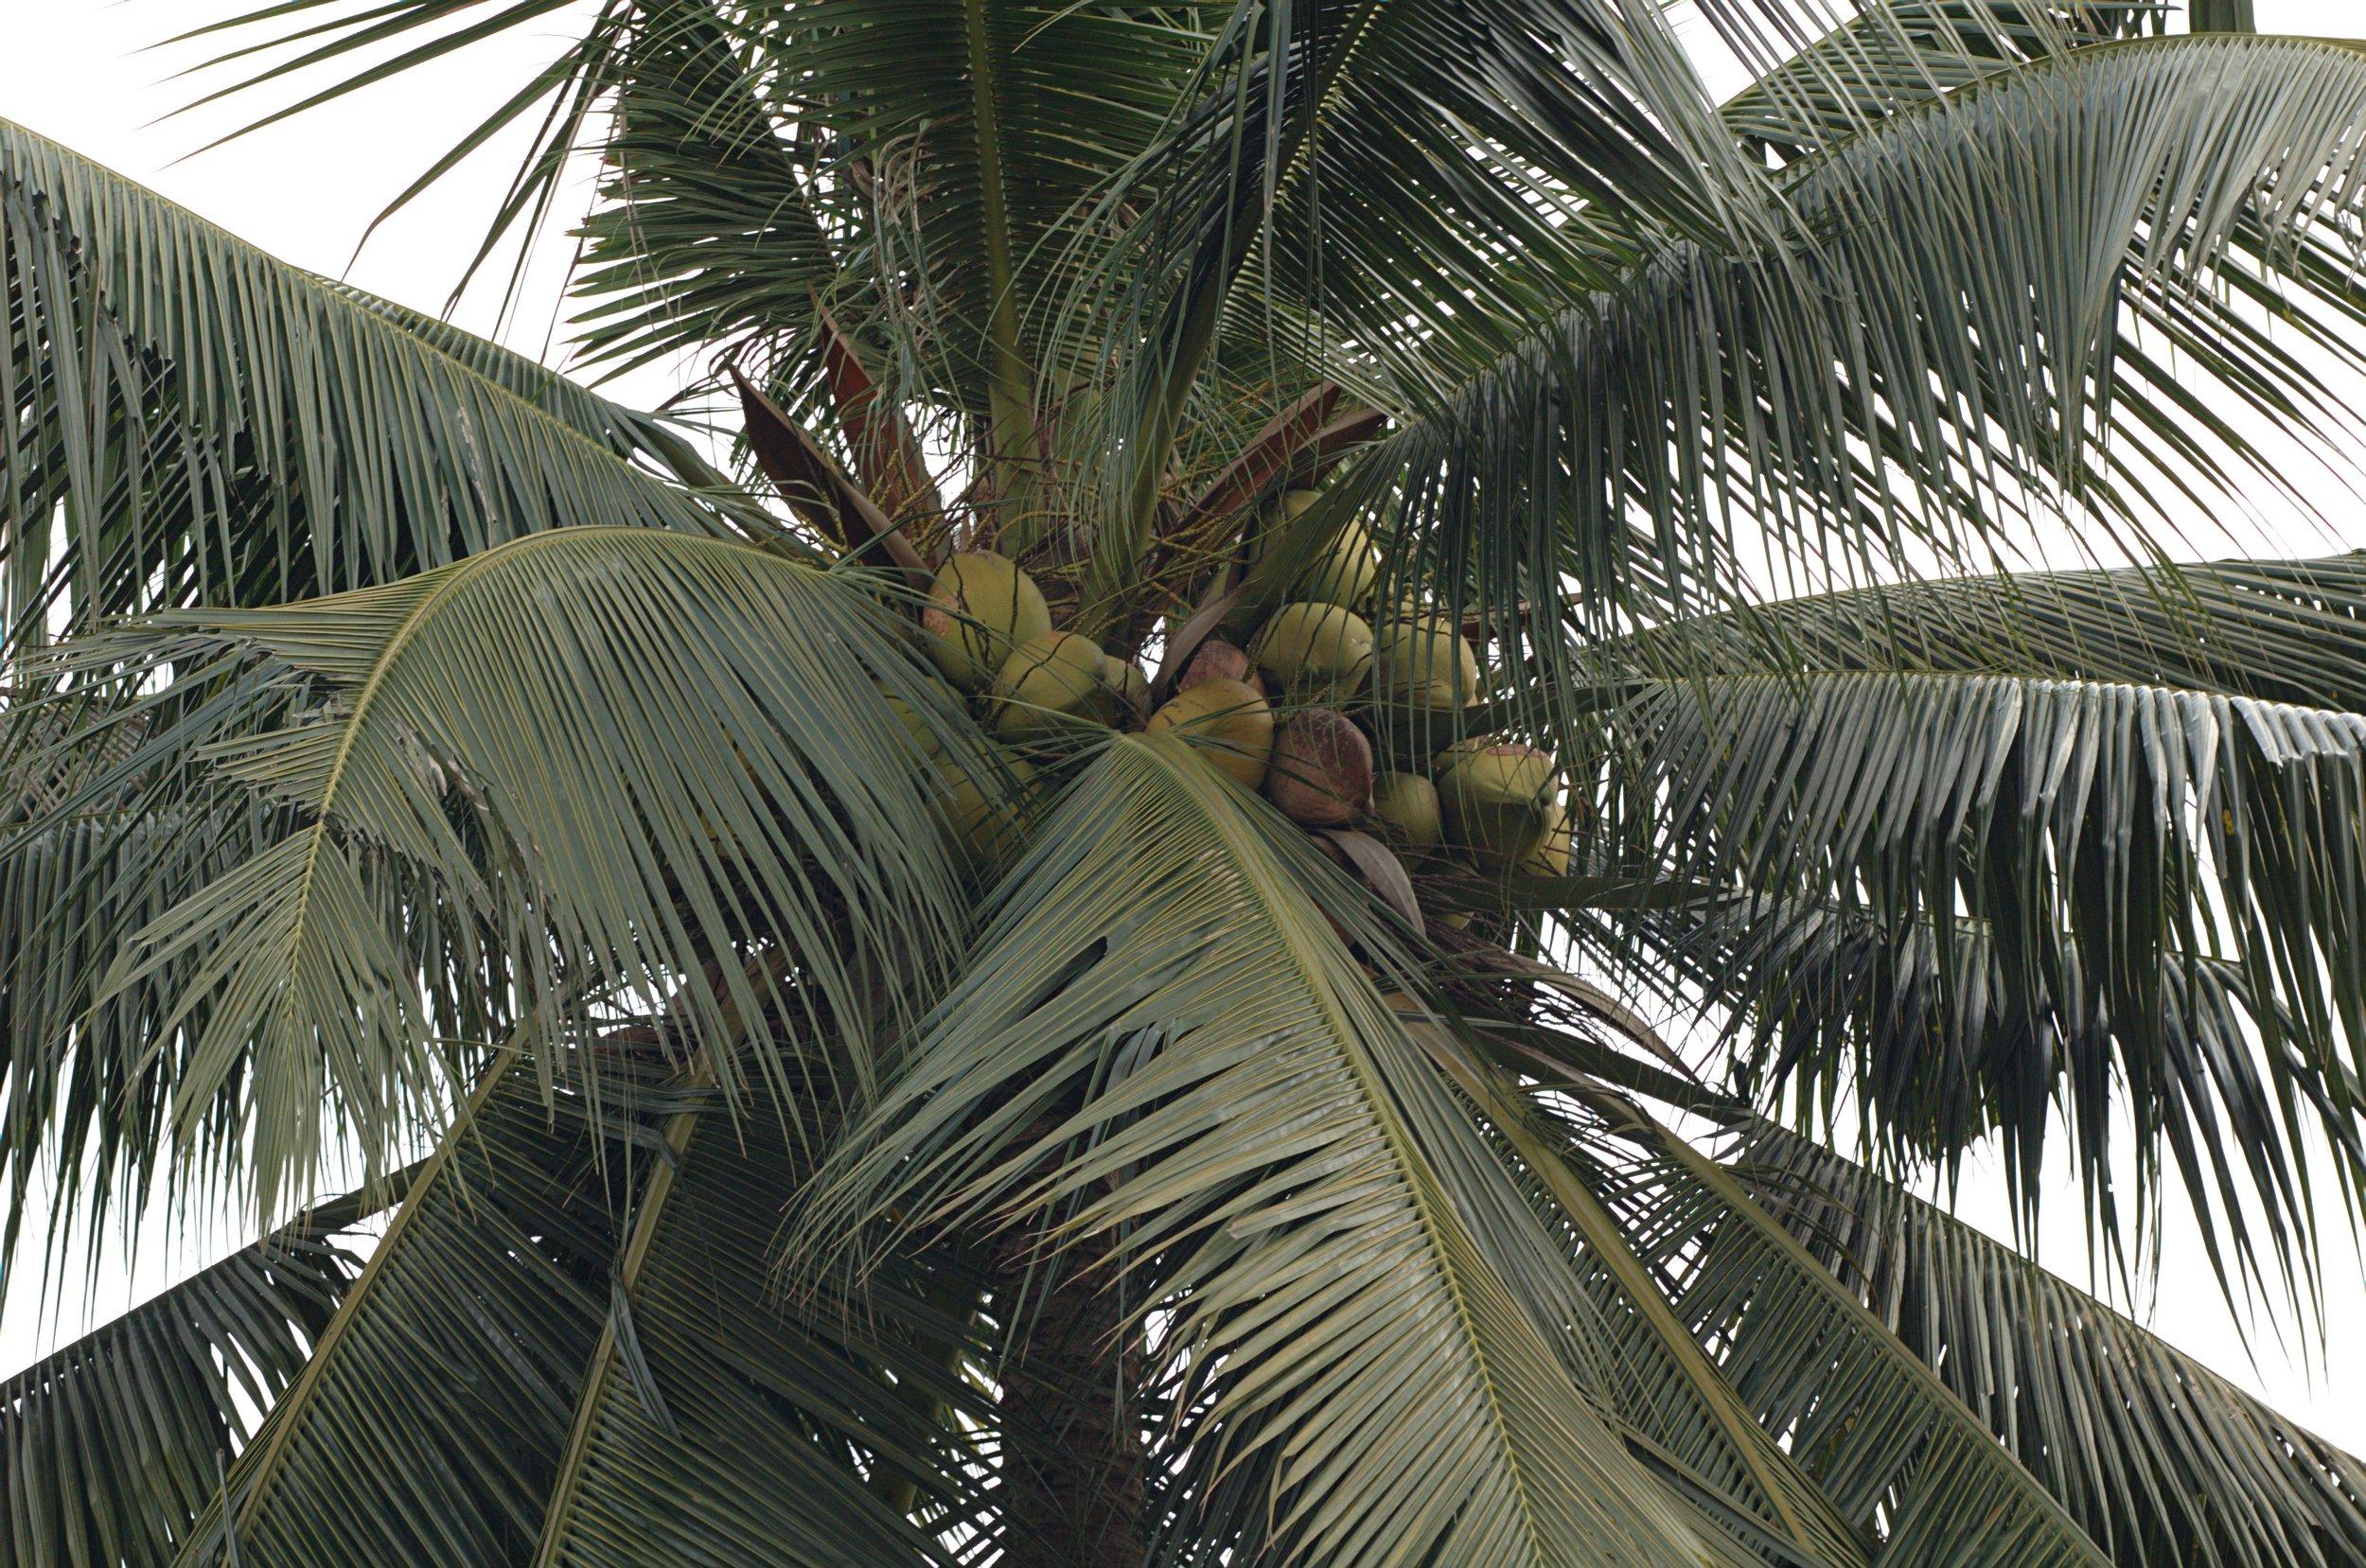 Cocos-nucifera.jpg